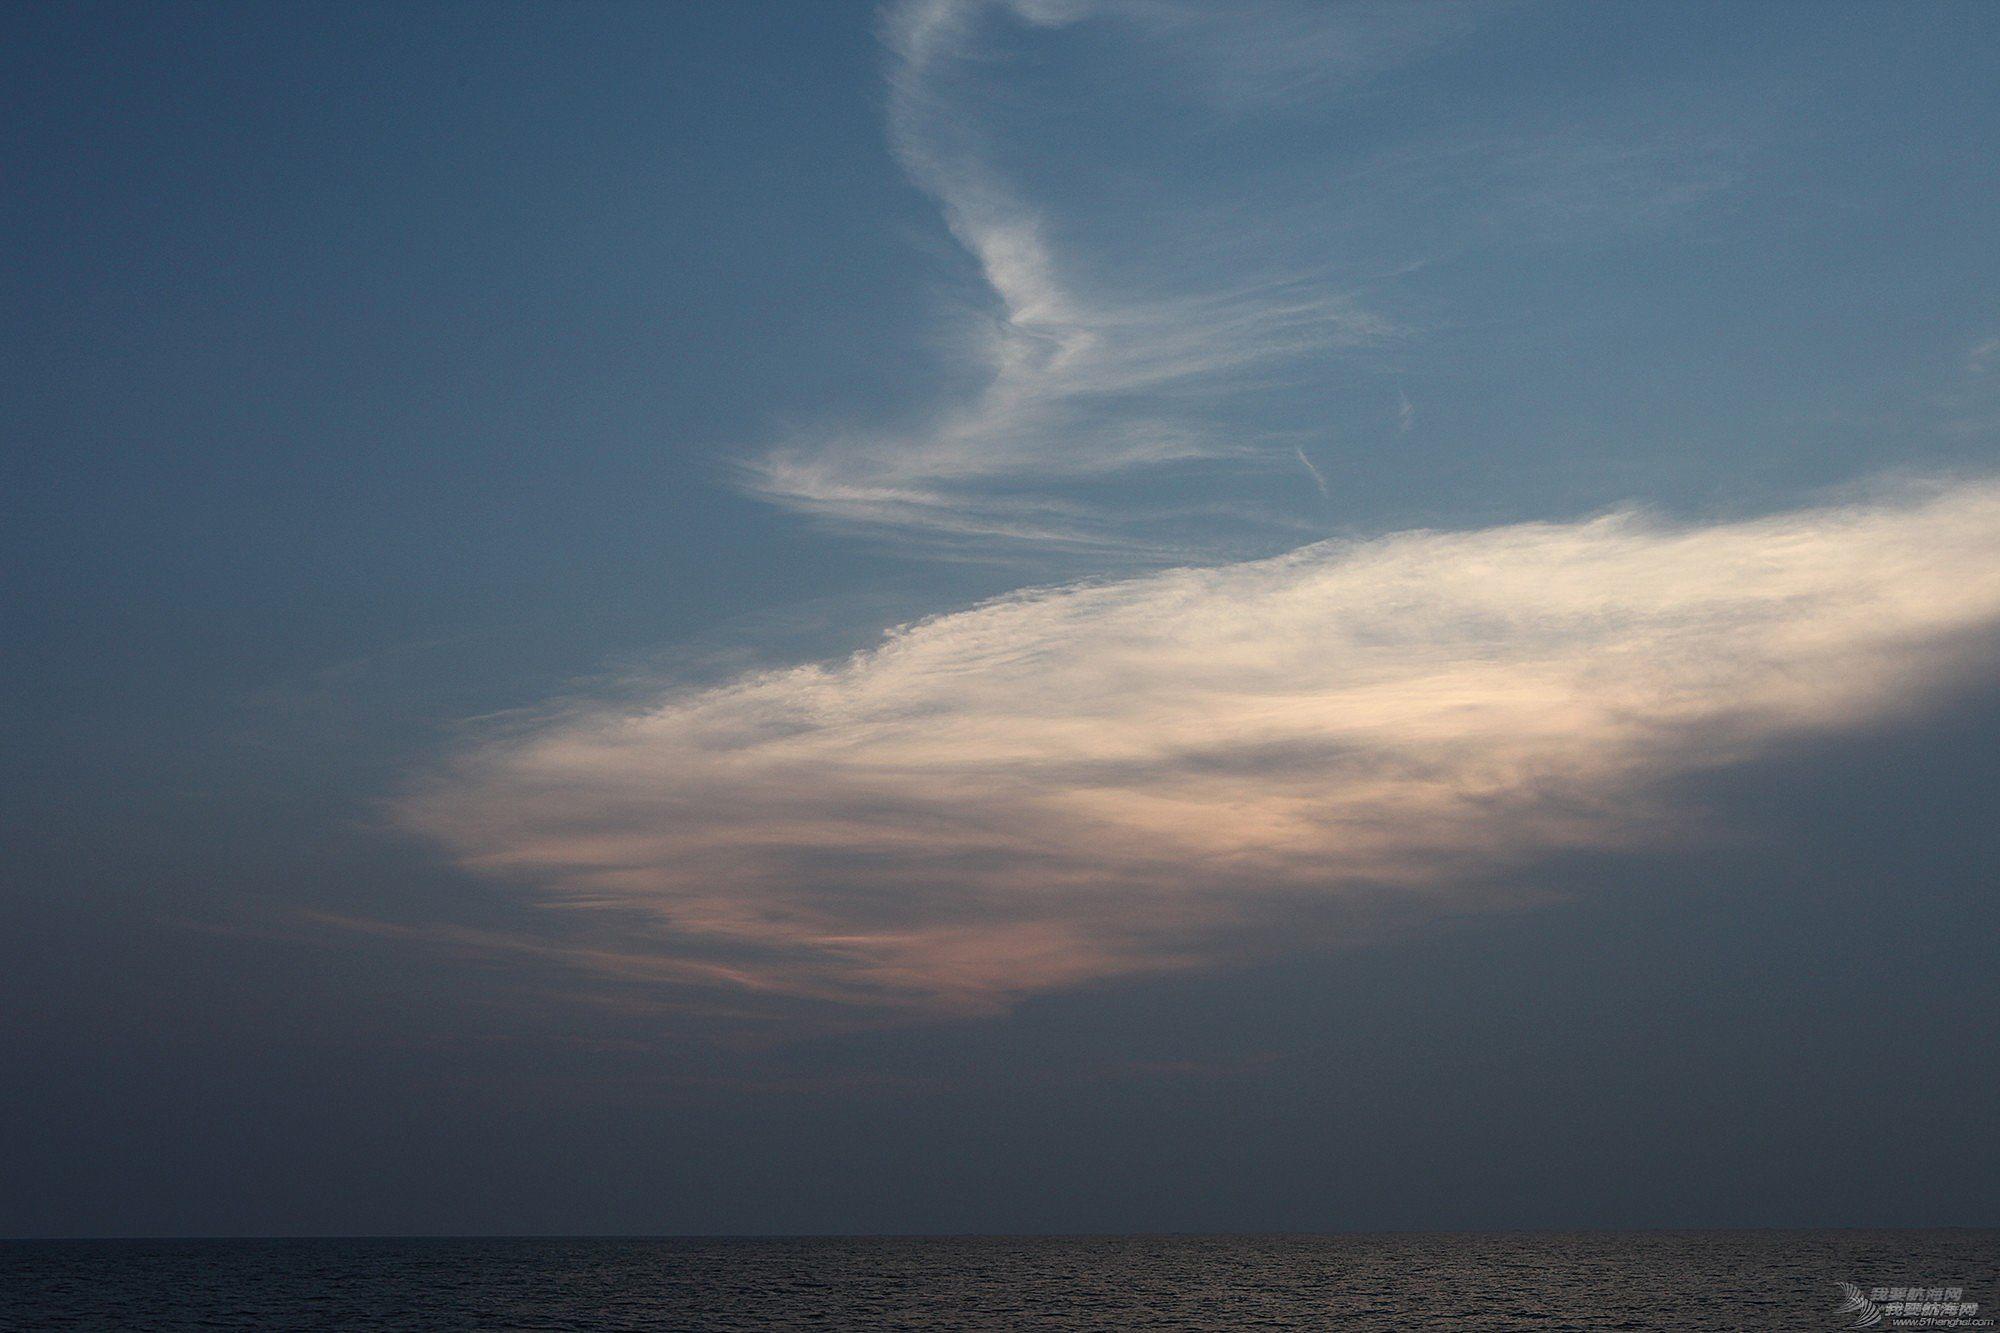 风和日丽,蚂蚁 浪汹雨疾初登蚂蚁岛,风和日丽次临将军石